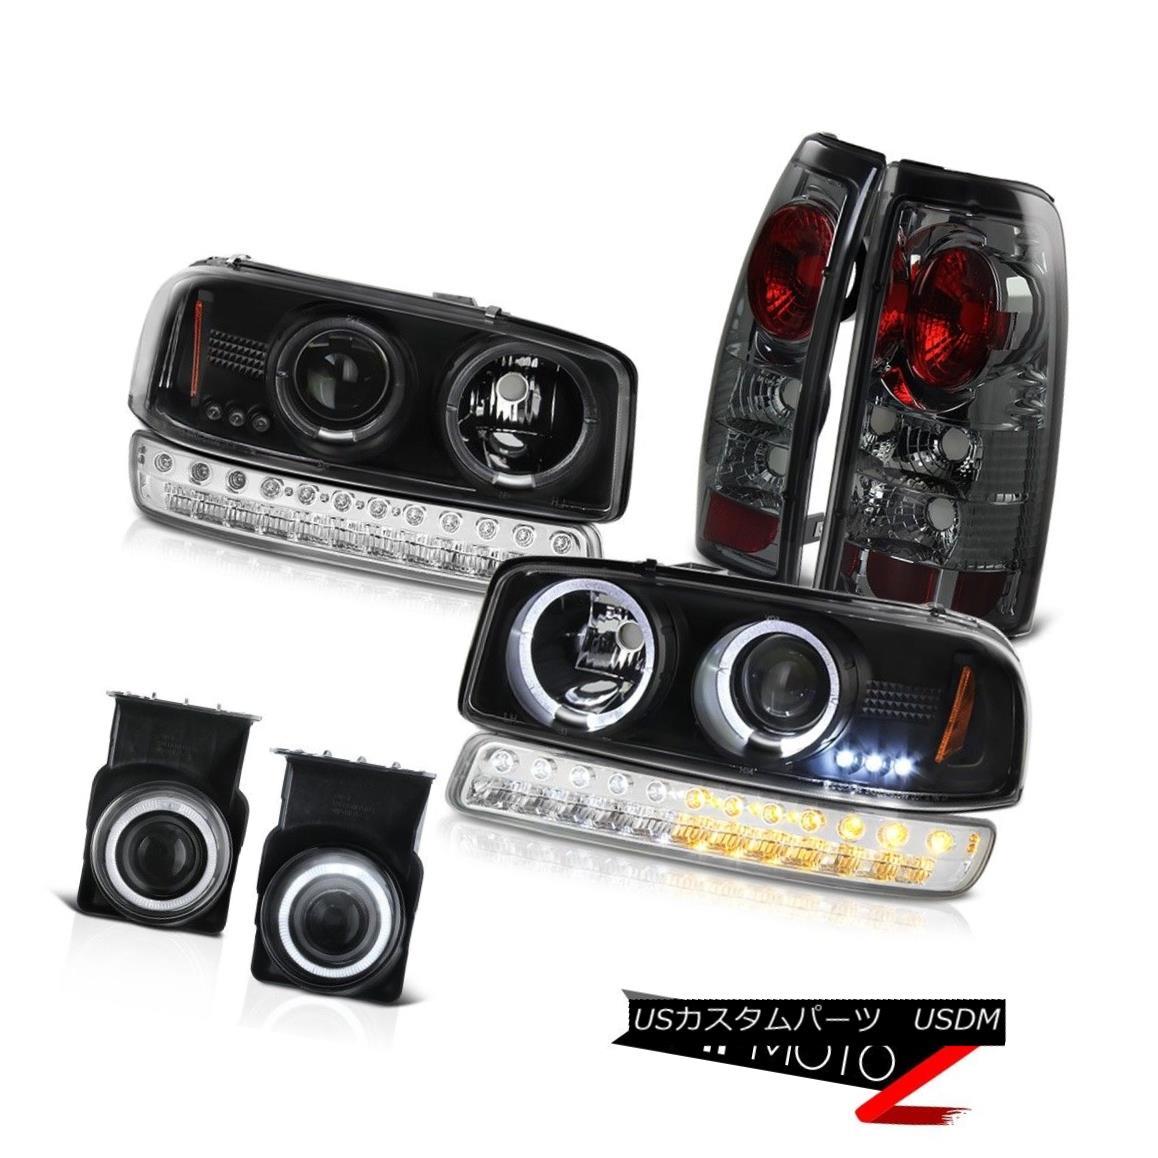 テールライト 03-06 Sierra GMT800 Foglights Titanium Smoke Tail Lamps Signal Lamp Headlights 03-06 Sierra GMT800フォグライトチタン煙テールランプシグナルランプヘッドライト